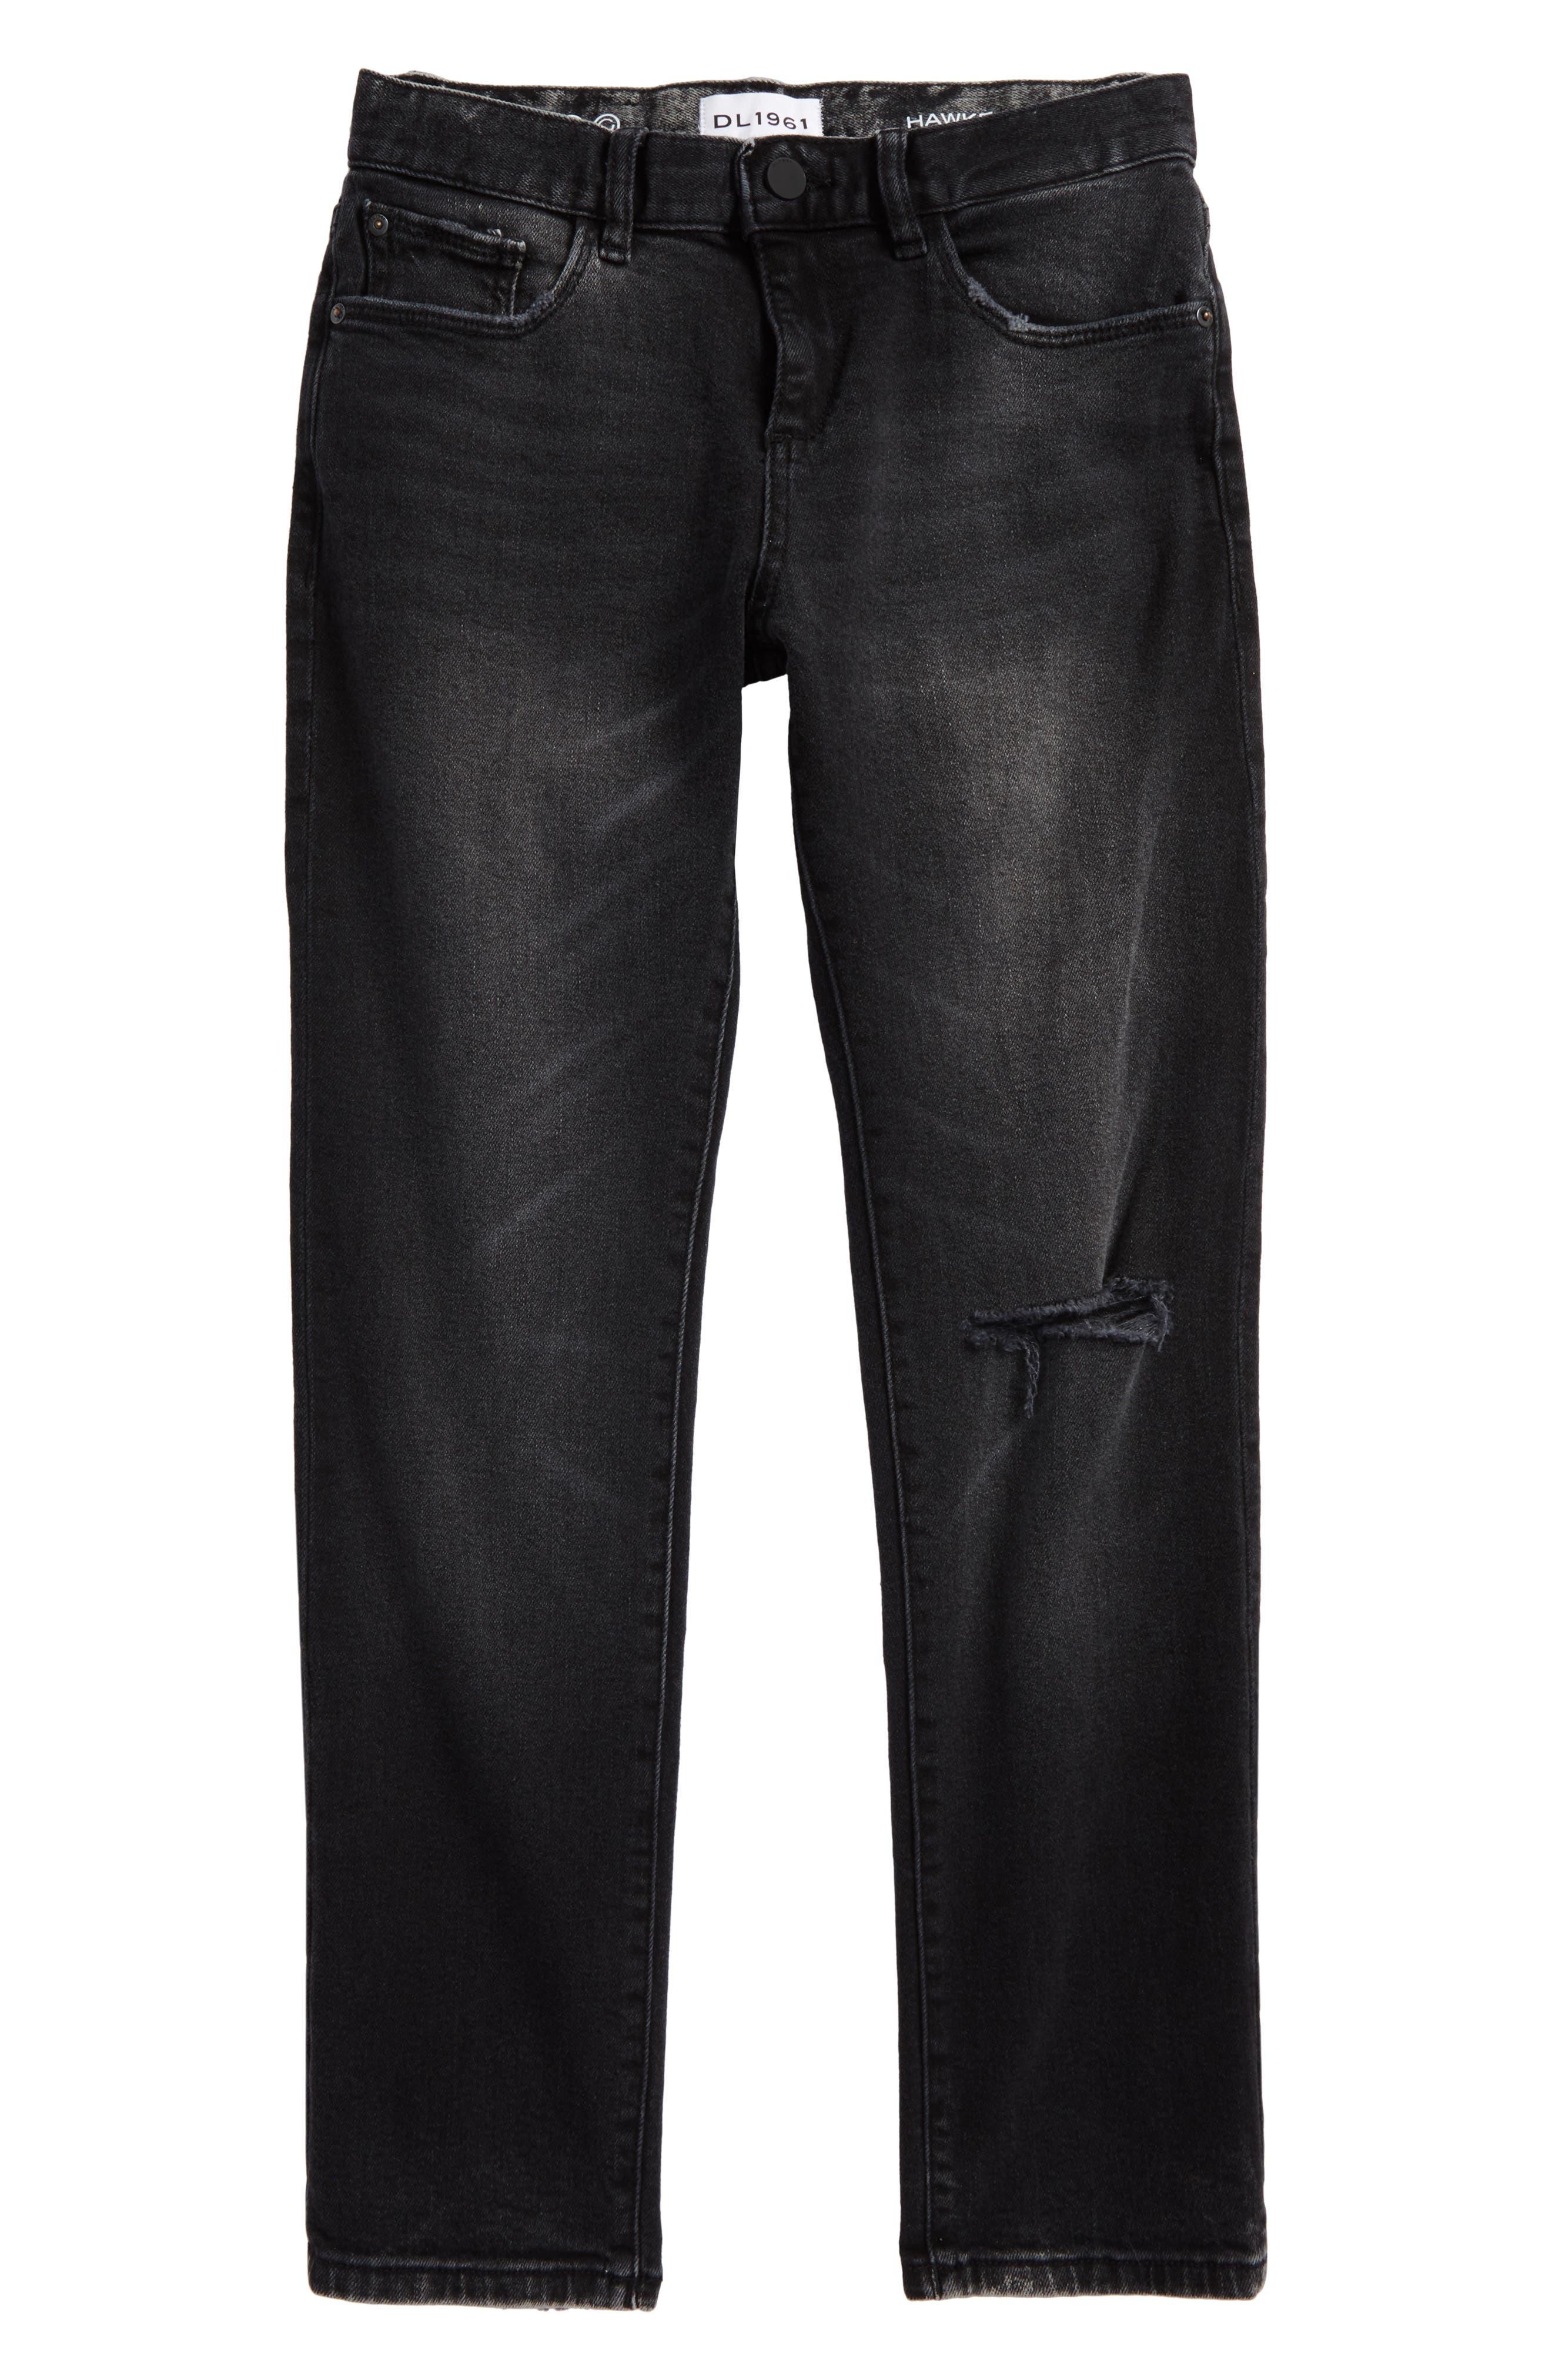 DL1961 Hawke Skinny Jeans (Big Boys)